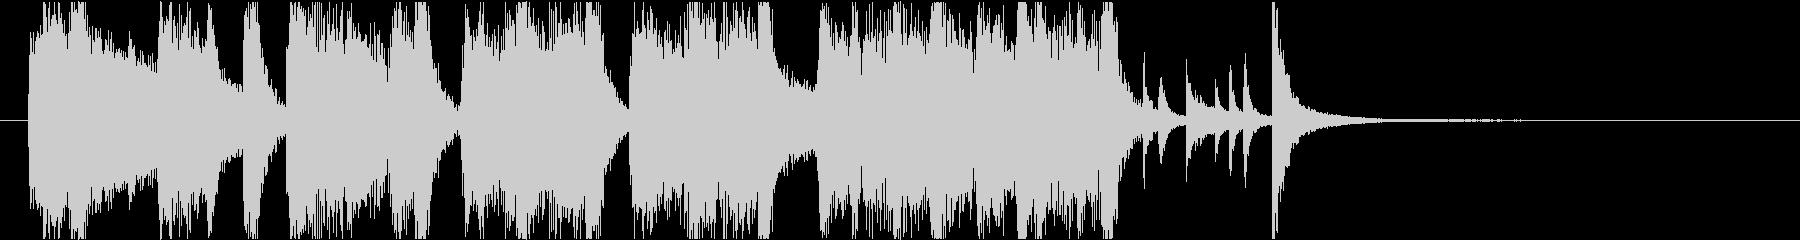 洗練された本格ビッグバンドジャズイントロの未再生の波形